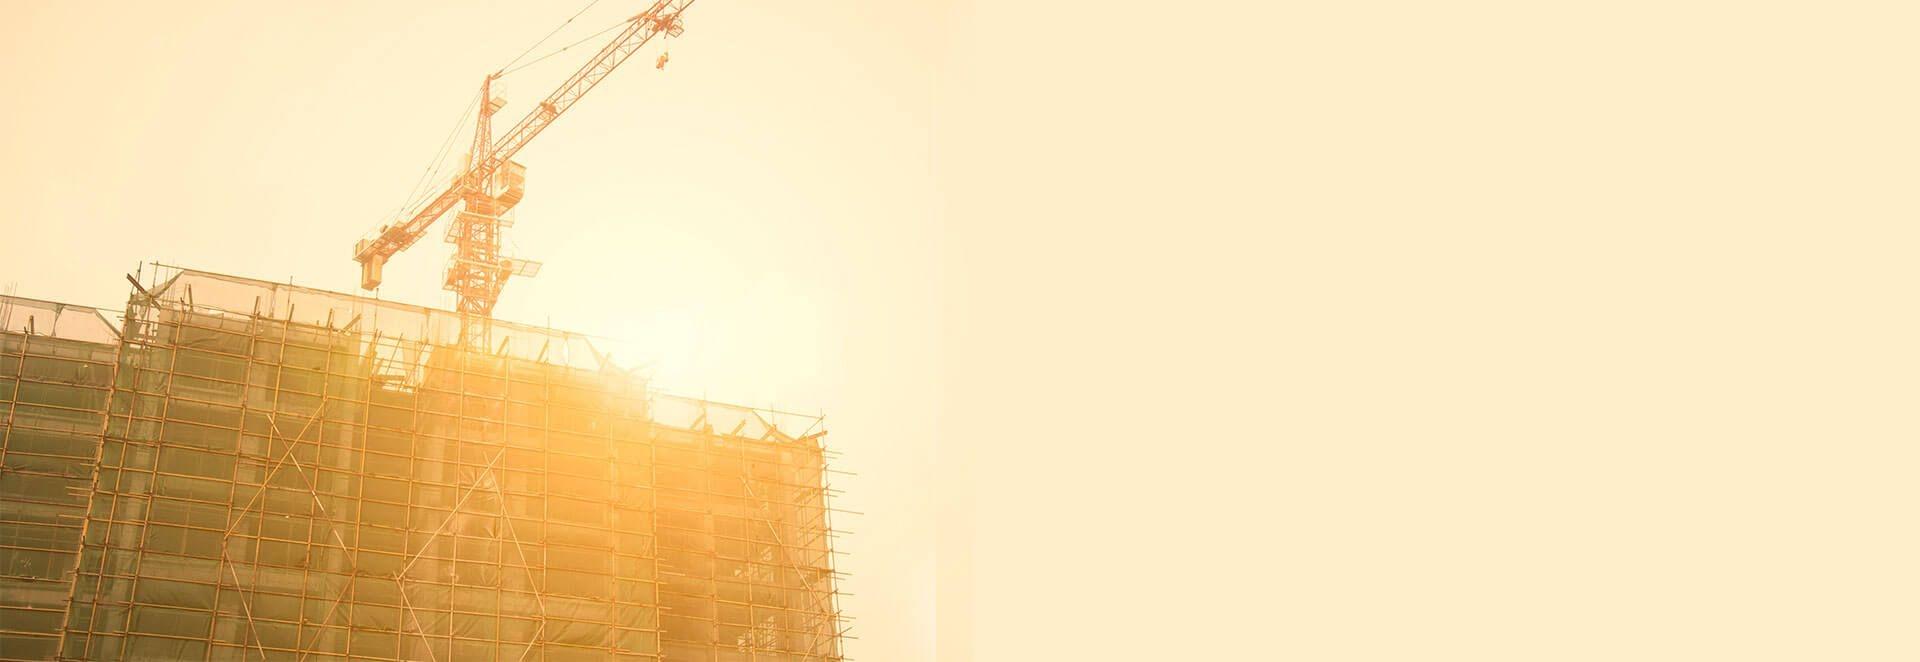 AG Construcciones y demoliciones